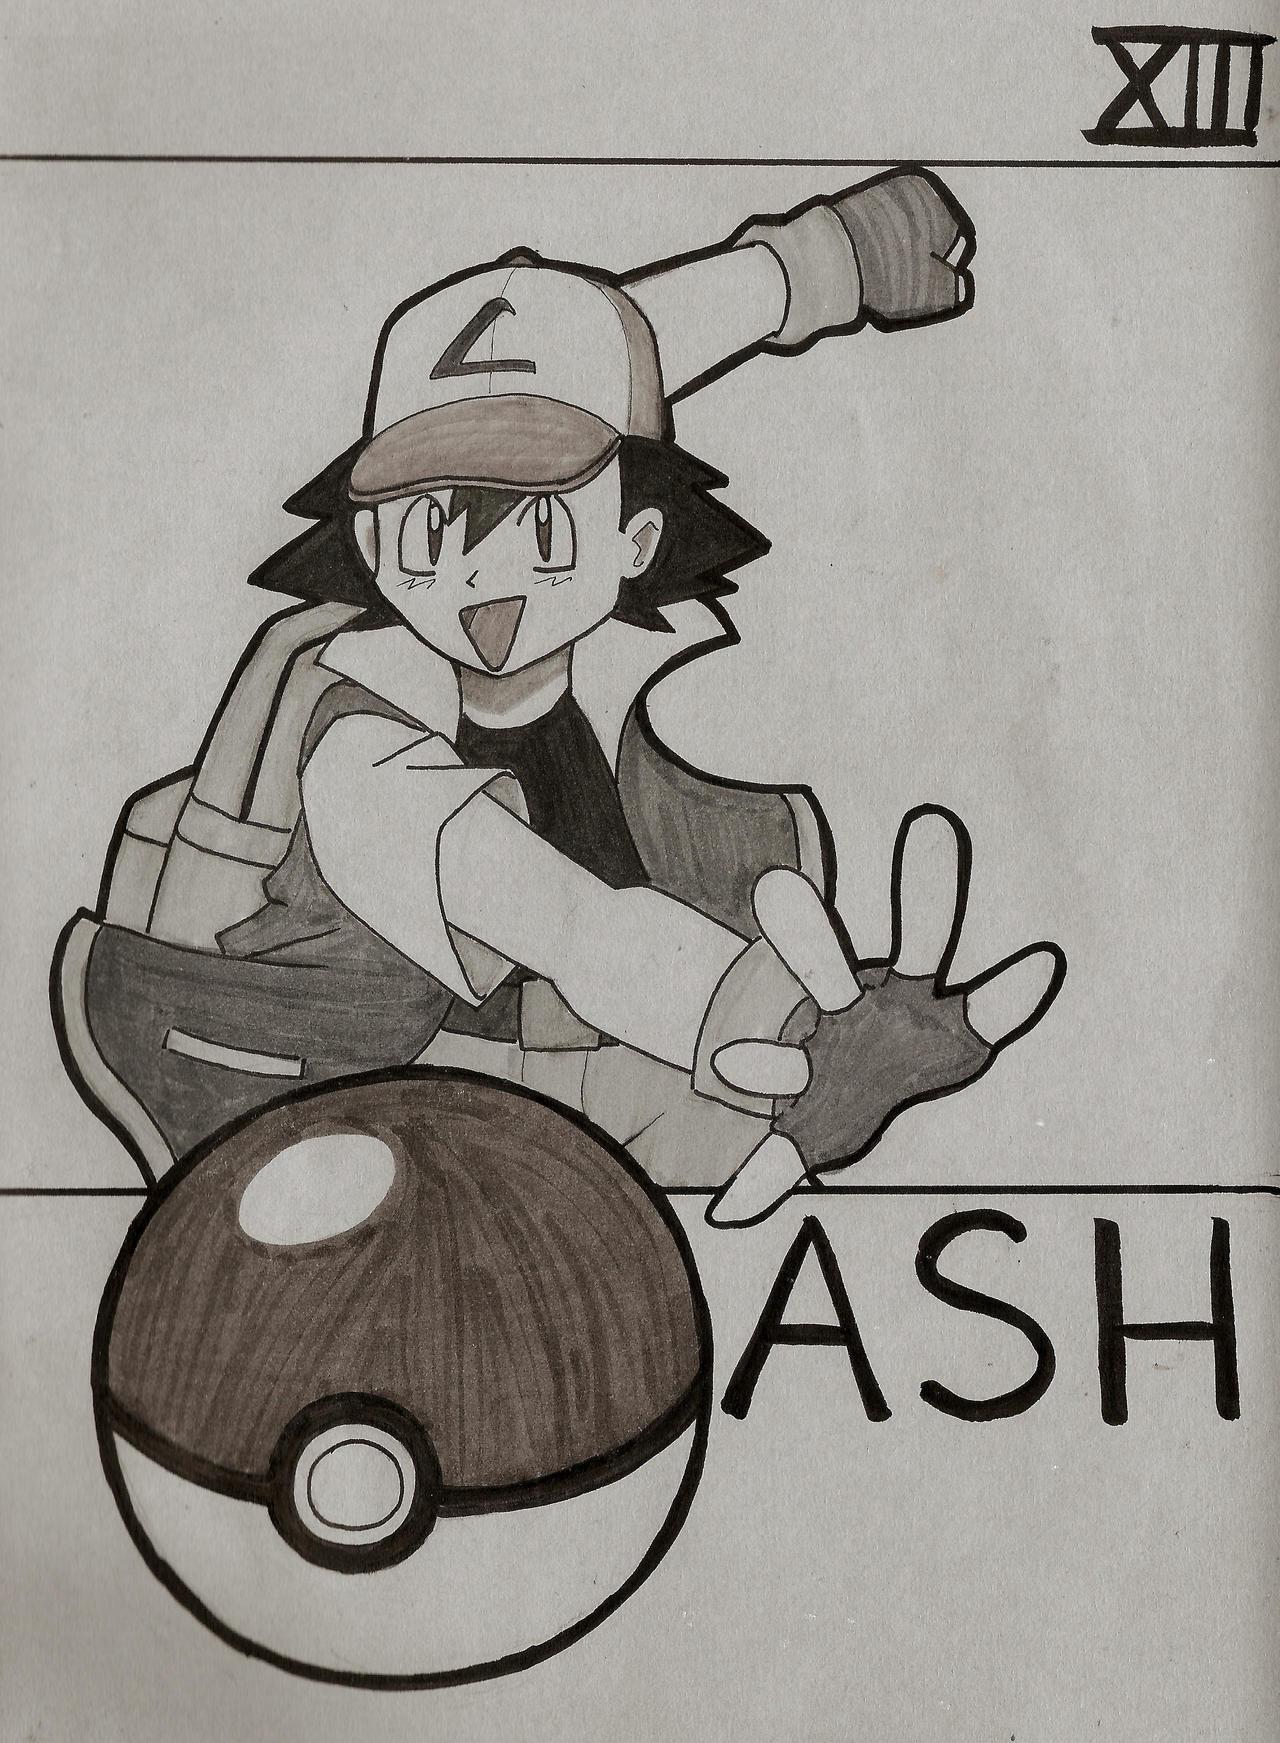 13. Ash